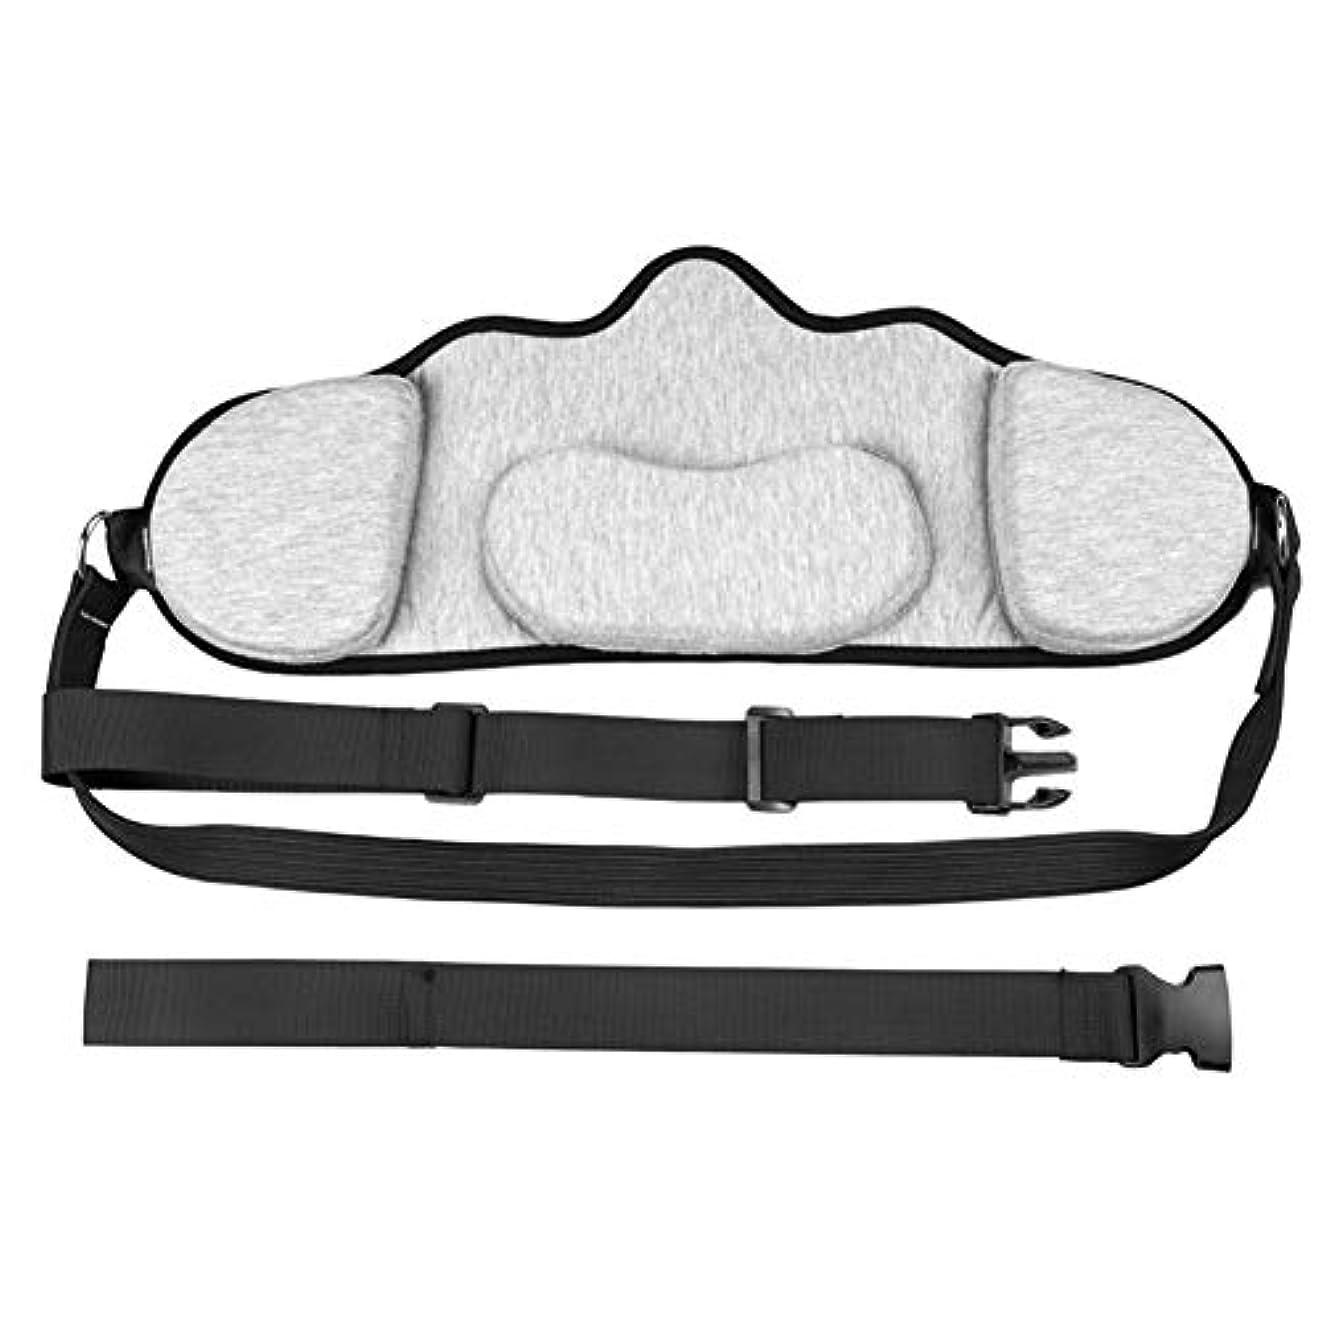 牧師前マイナー2パック耐久性のあるポータブル首牽引&リラクゼーションハンモック、オフィスワーカーのドライバーのためのセルフマッサージャーと肩の痛みサポーターを持つ人はリラックスデバイス